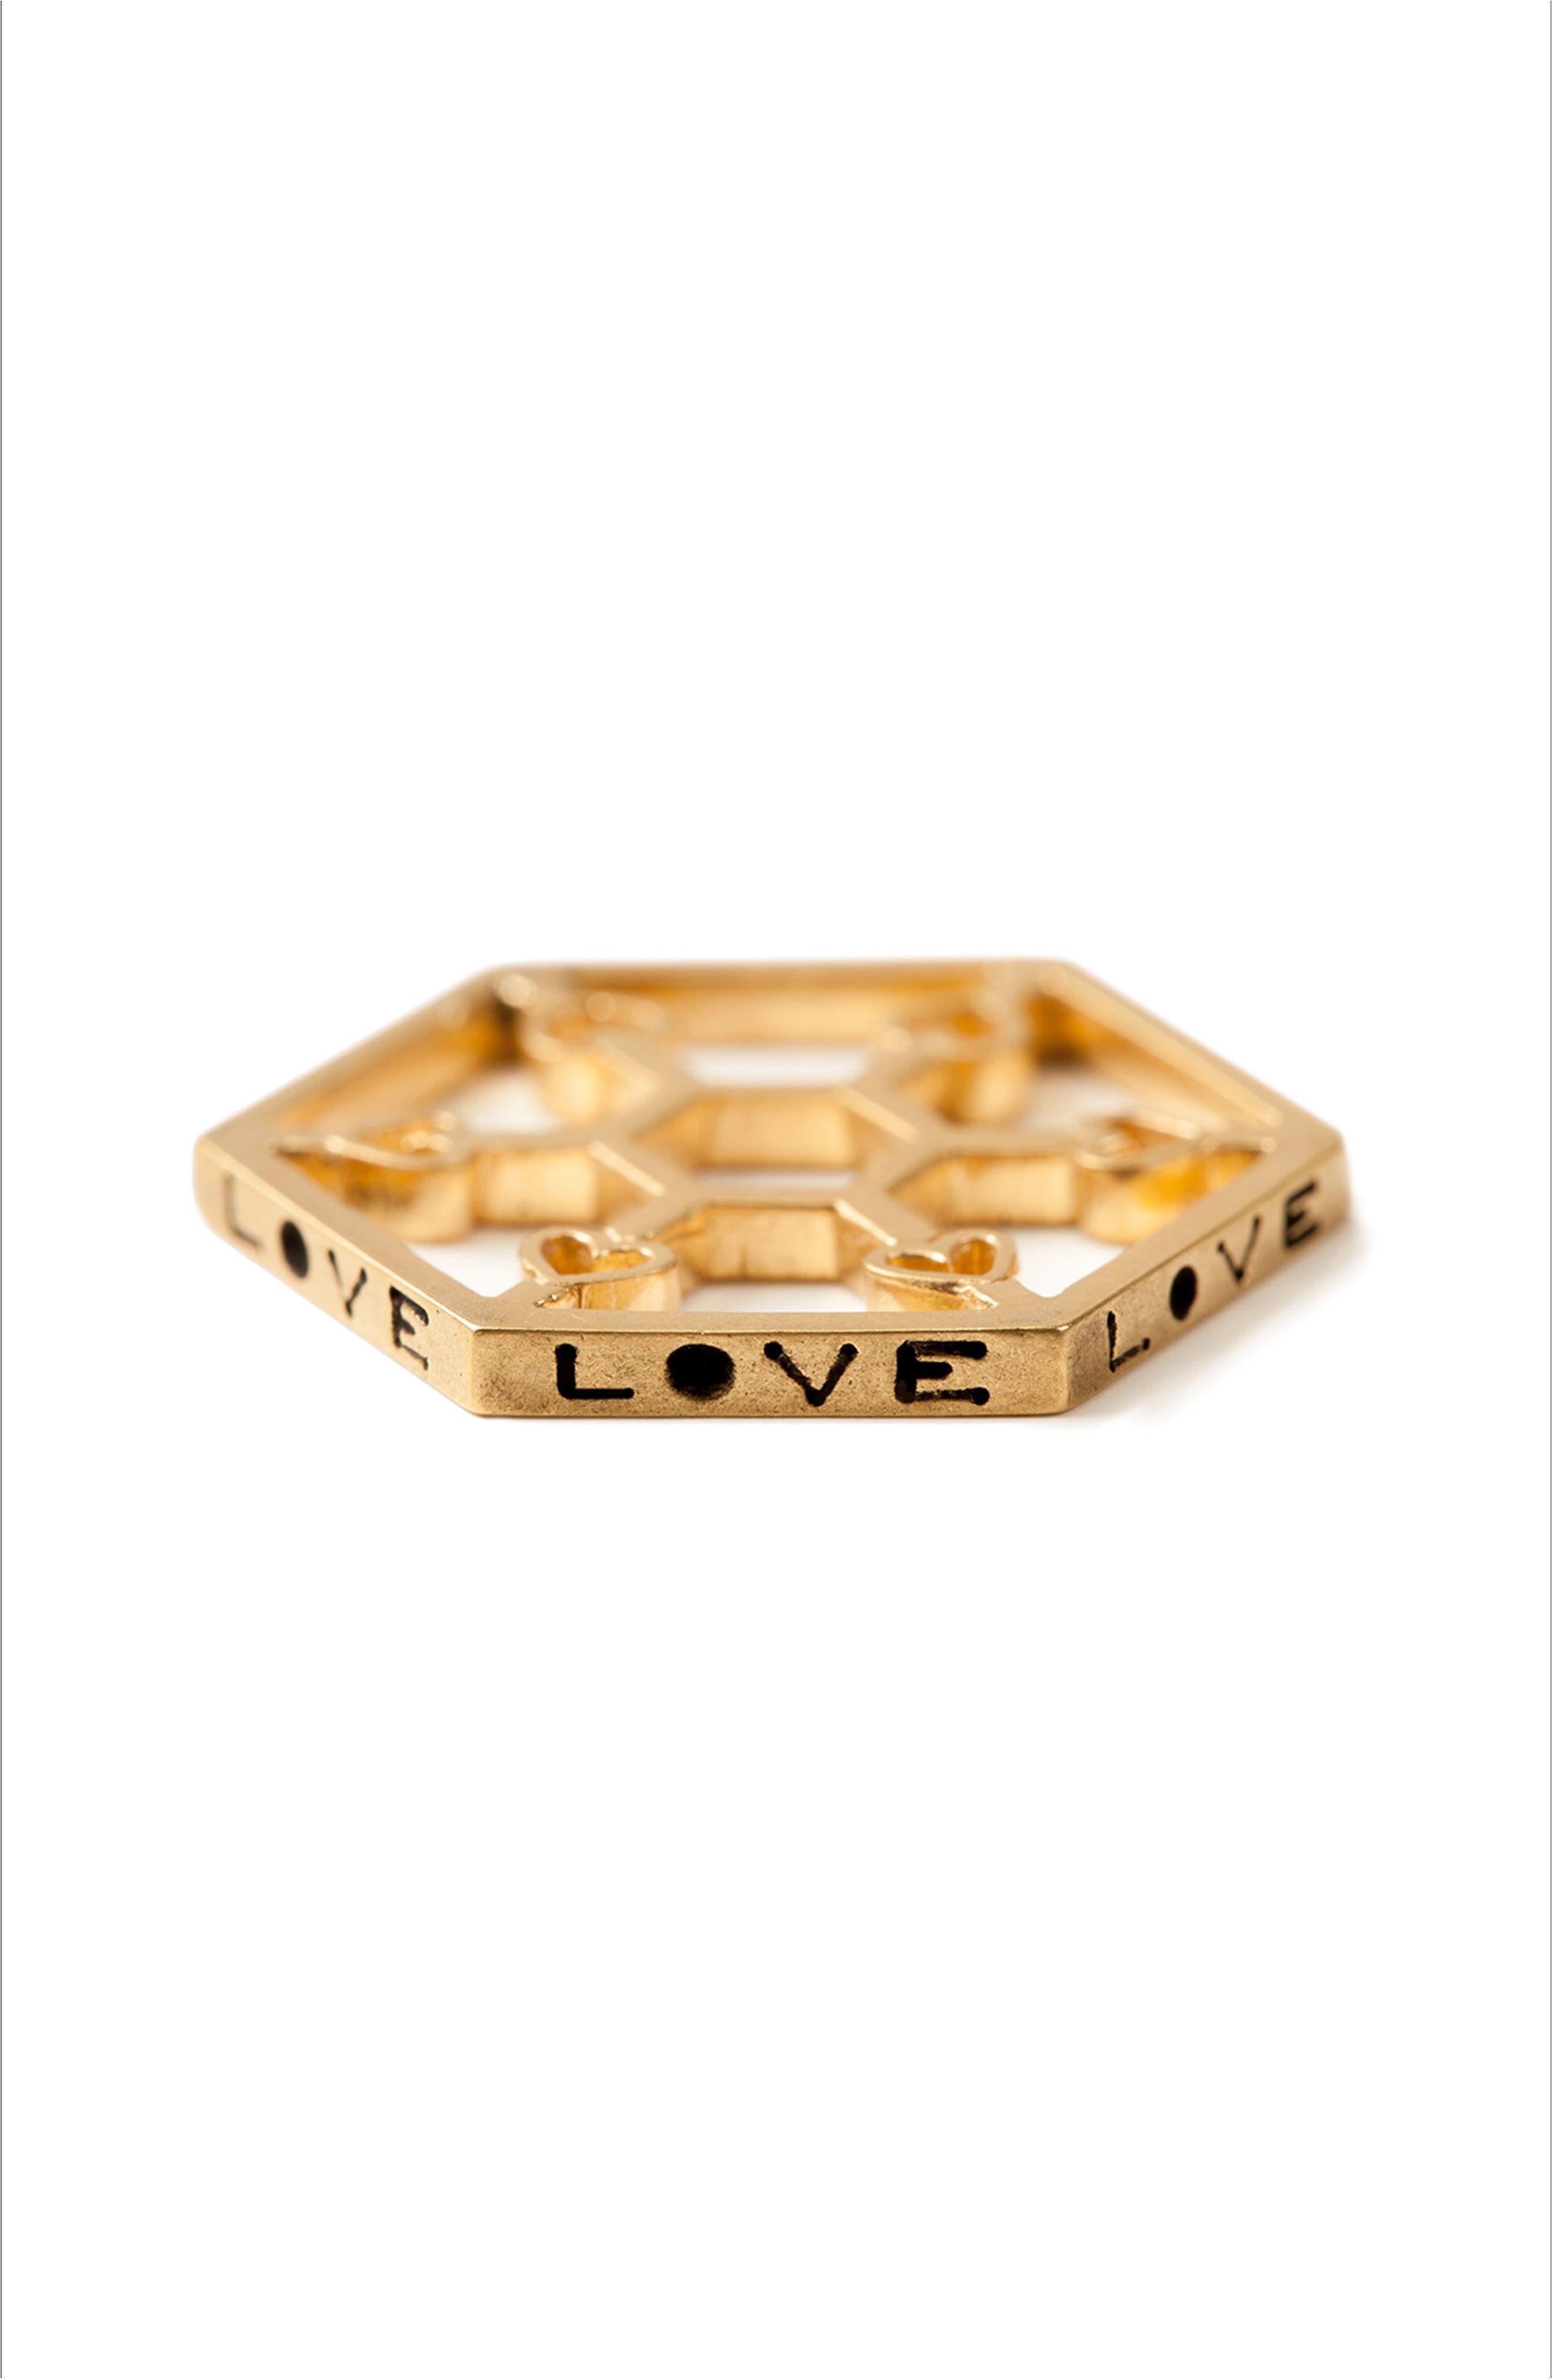 Petalbox Token of Love Enhancer,                             Alternate thumbnail 8, color,                             Gold